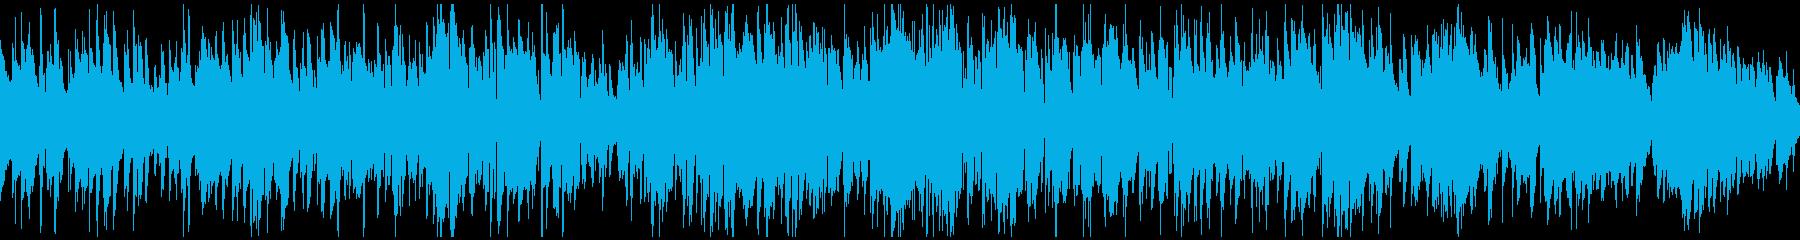 程よいテンポ感のまったりジャズ※ループ版の再生済みの波形